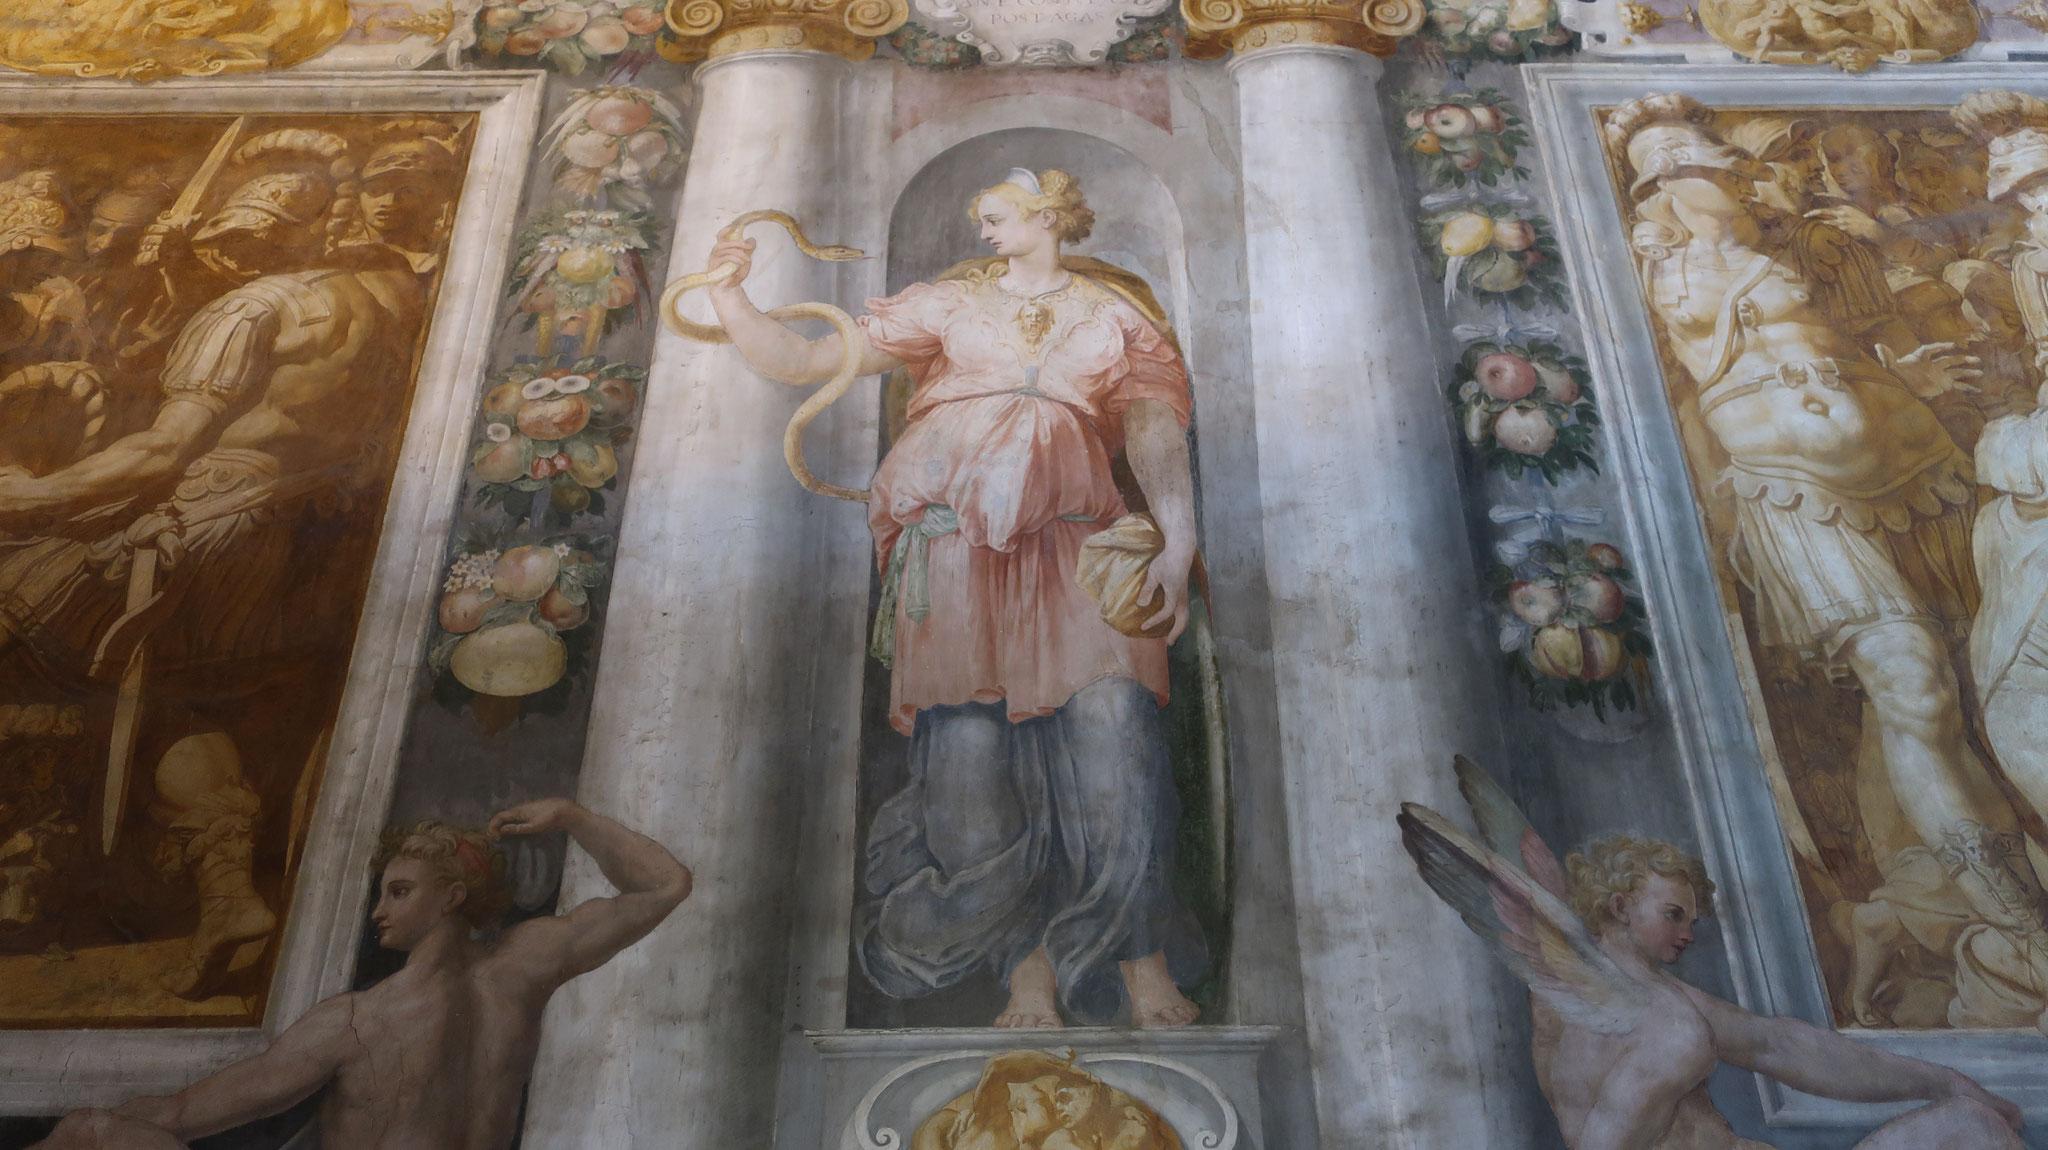 壁に描かれた衛生の女神ヒュゲイア